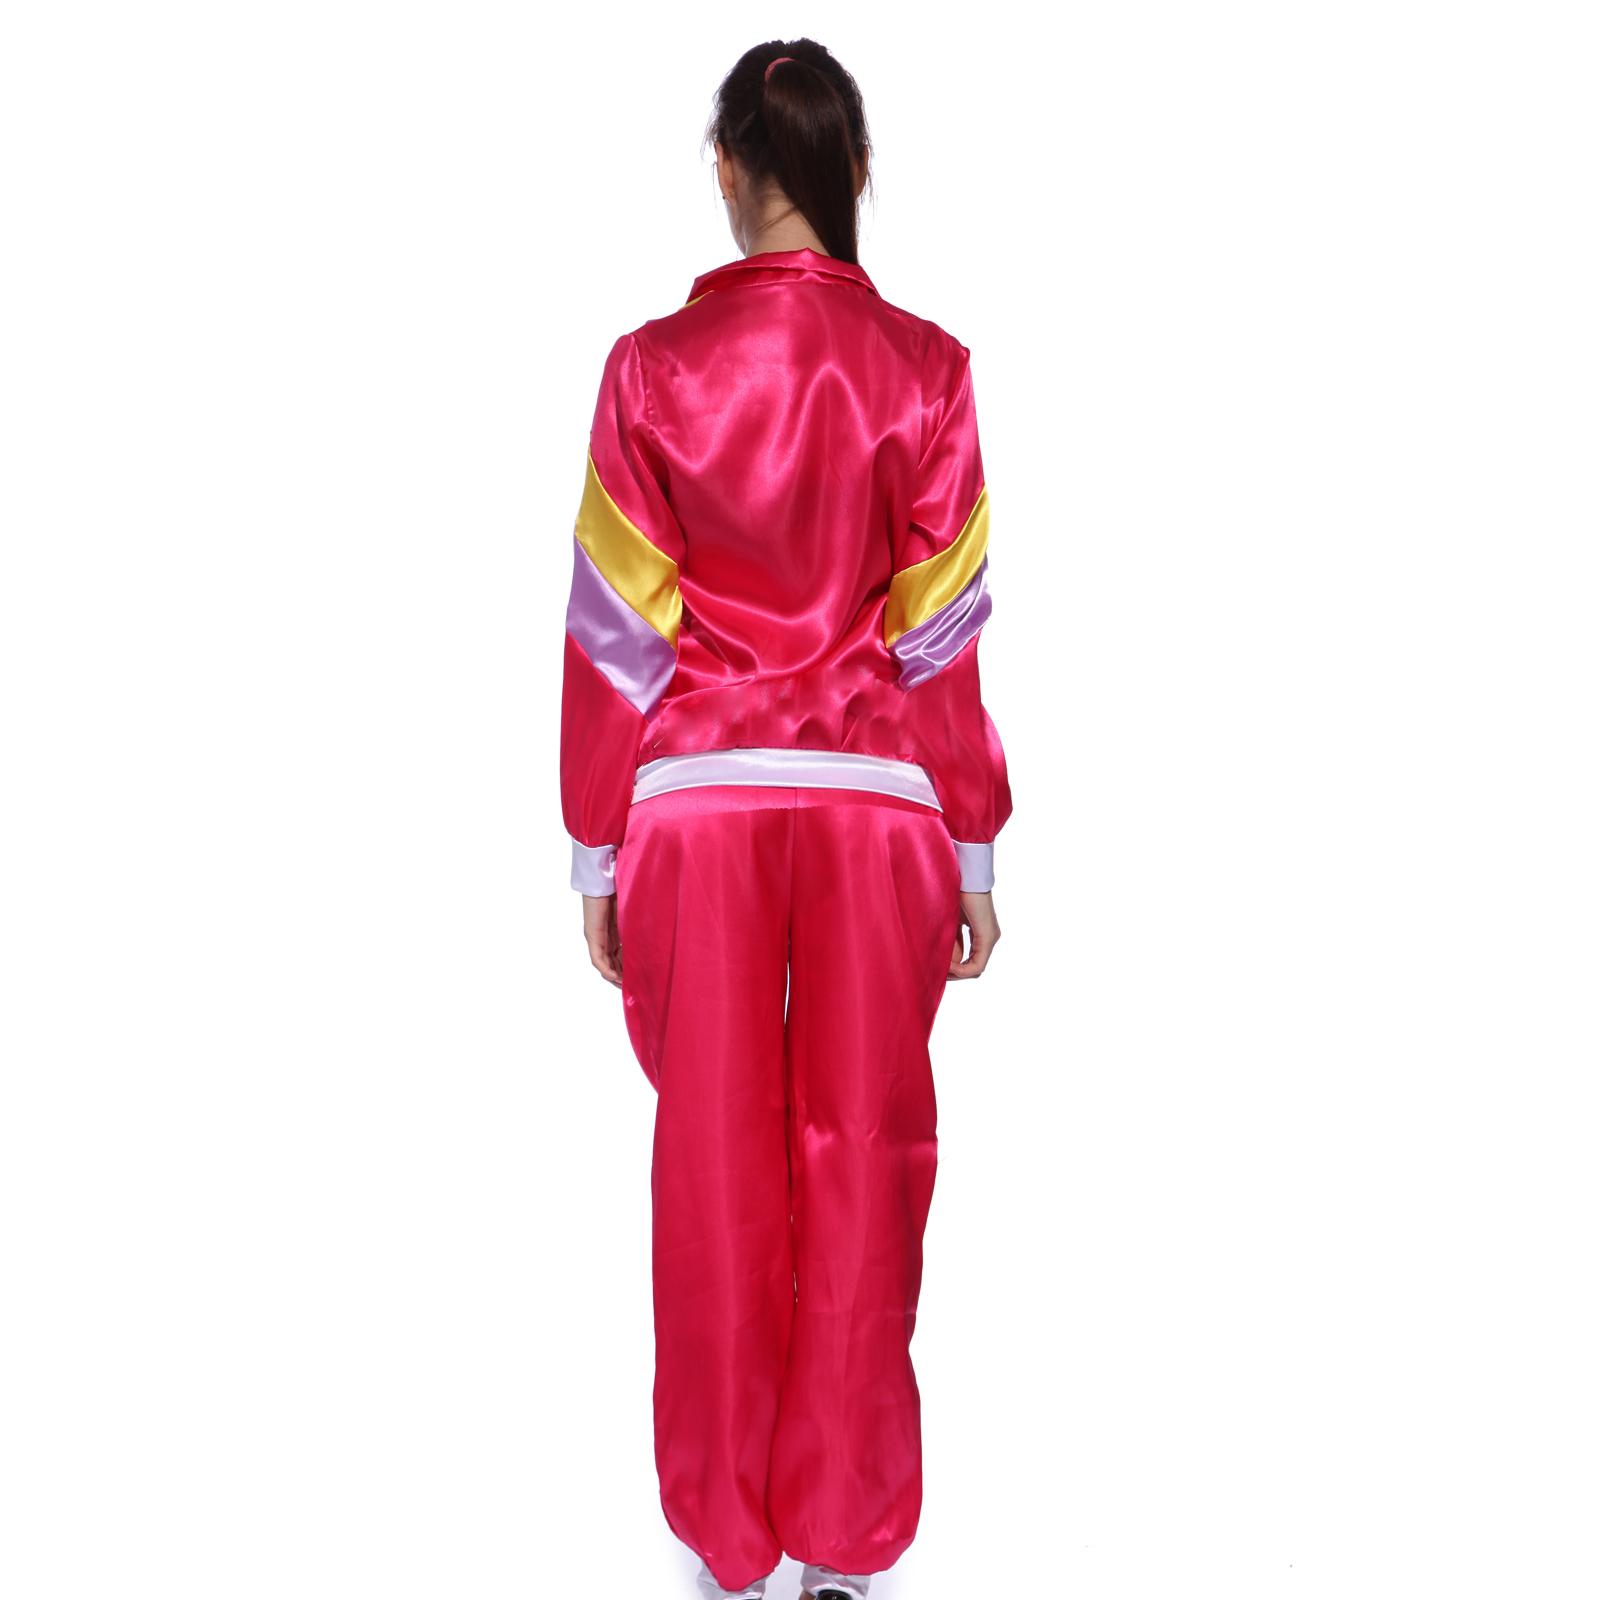 Para Hombre gracioso 80s 90s Scouser Shell Traje De Fiesta Traje de Disfraz Elaborado Vestido Stag Diversión